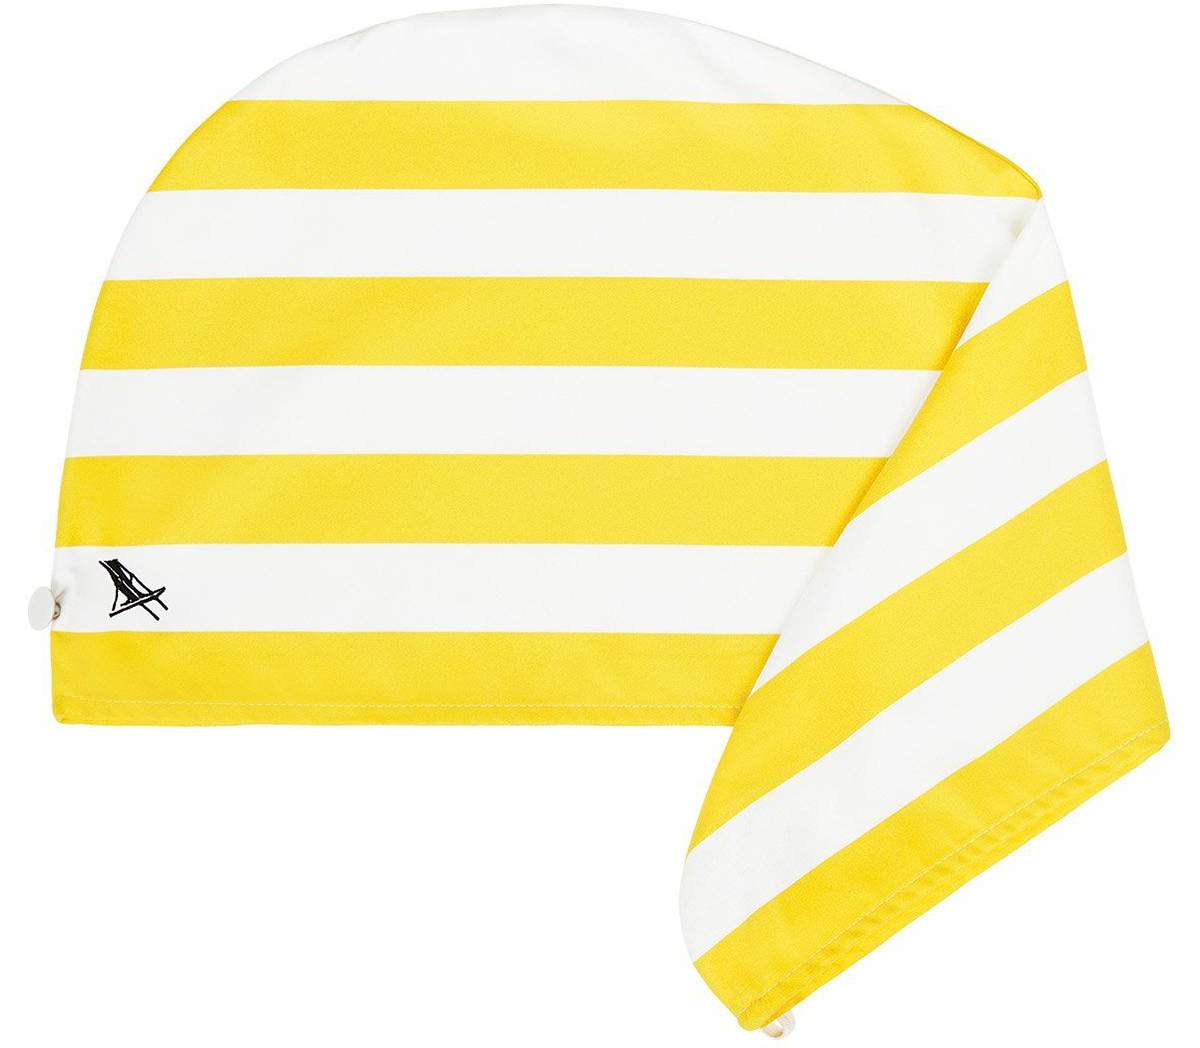 フィリピン・ボラカイ島のイエロー(Boracay Yellow)水をサッと吸収、髪が素早く乾くマイクロファイバー製のカラフルタオル(ヘアラップ)|DOCK & BAY